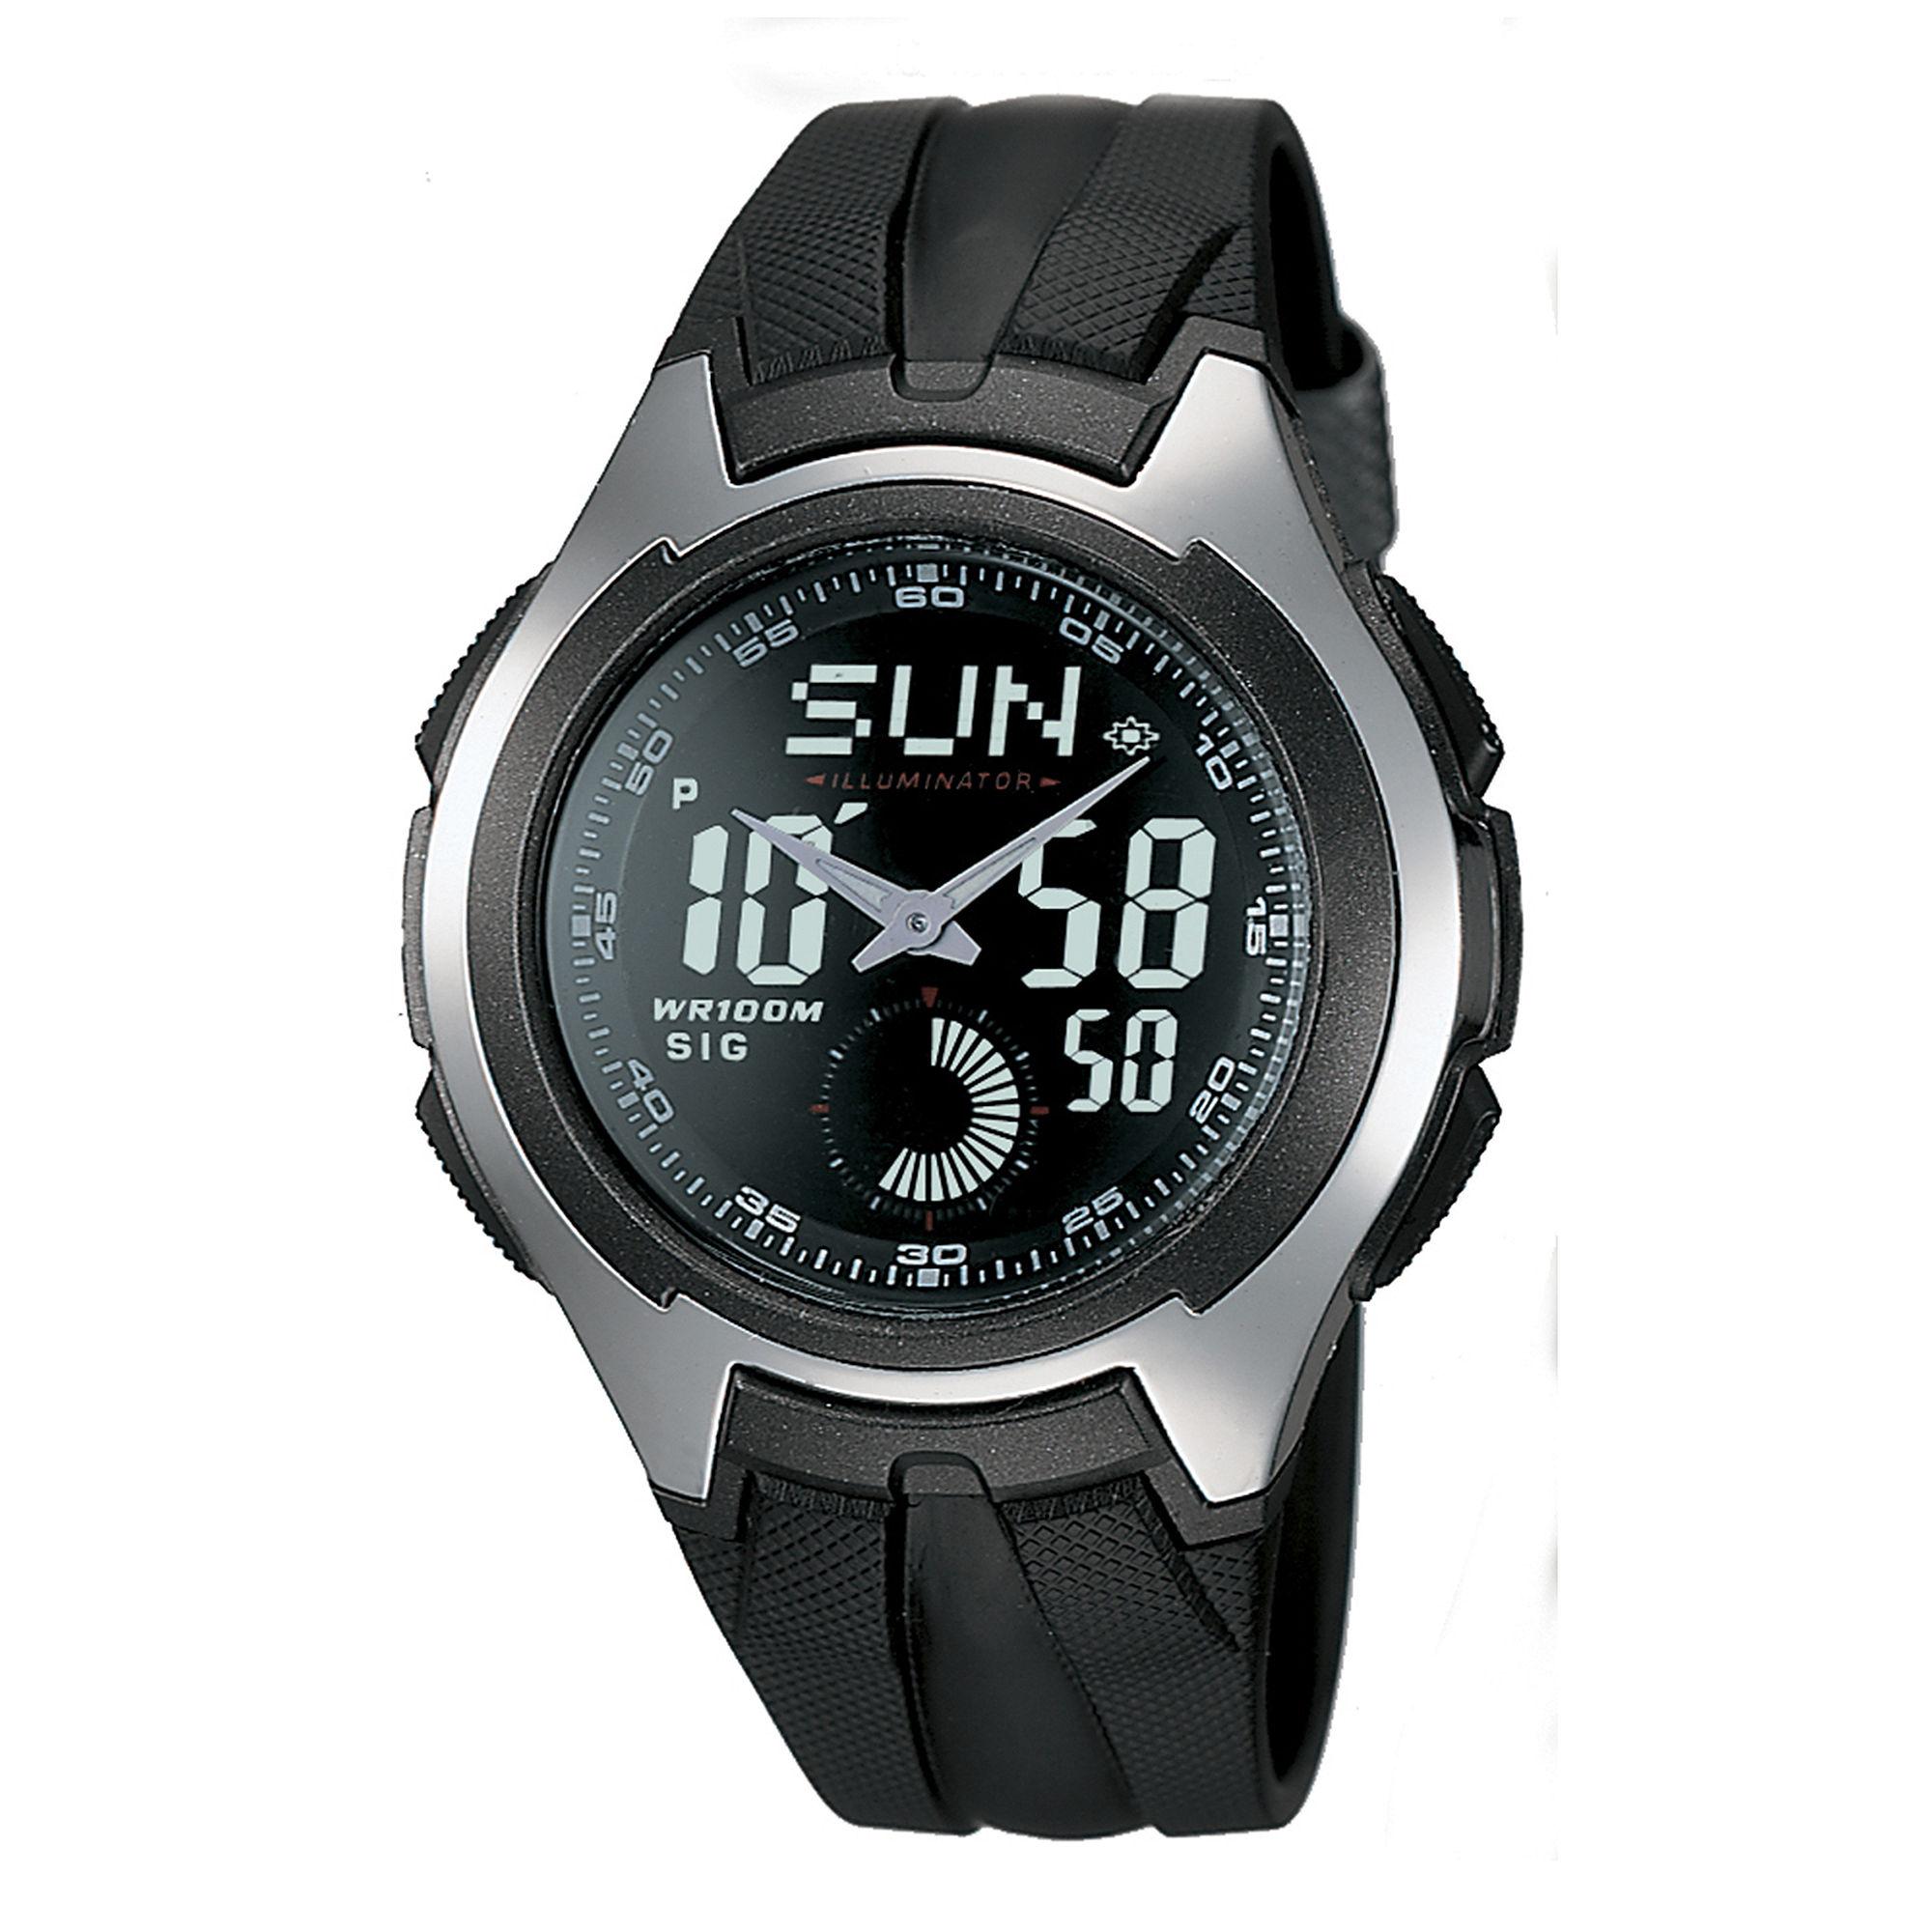 Casio Mens Black Resin Strap Analog/Digital Watch AQ160W-1BV